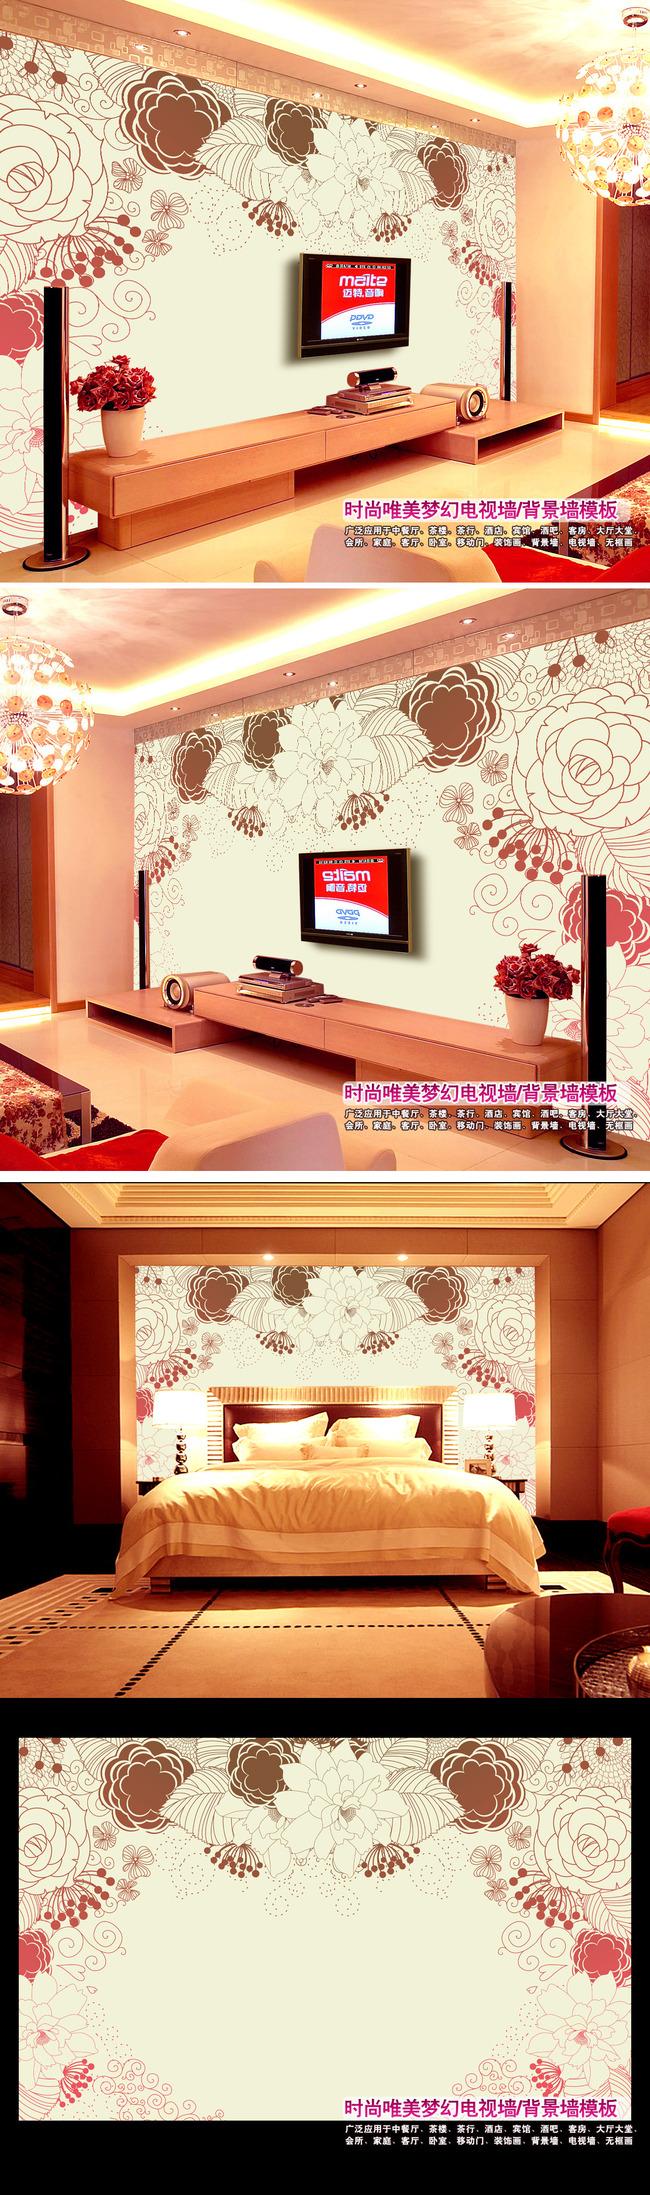 时尚线描玫瑰花电视背景墙